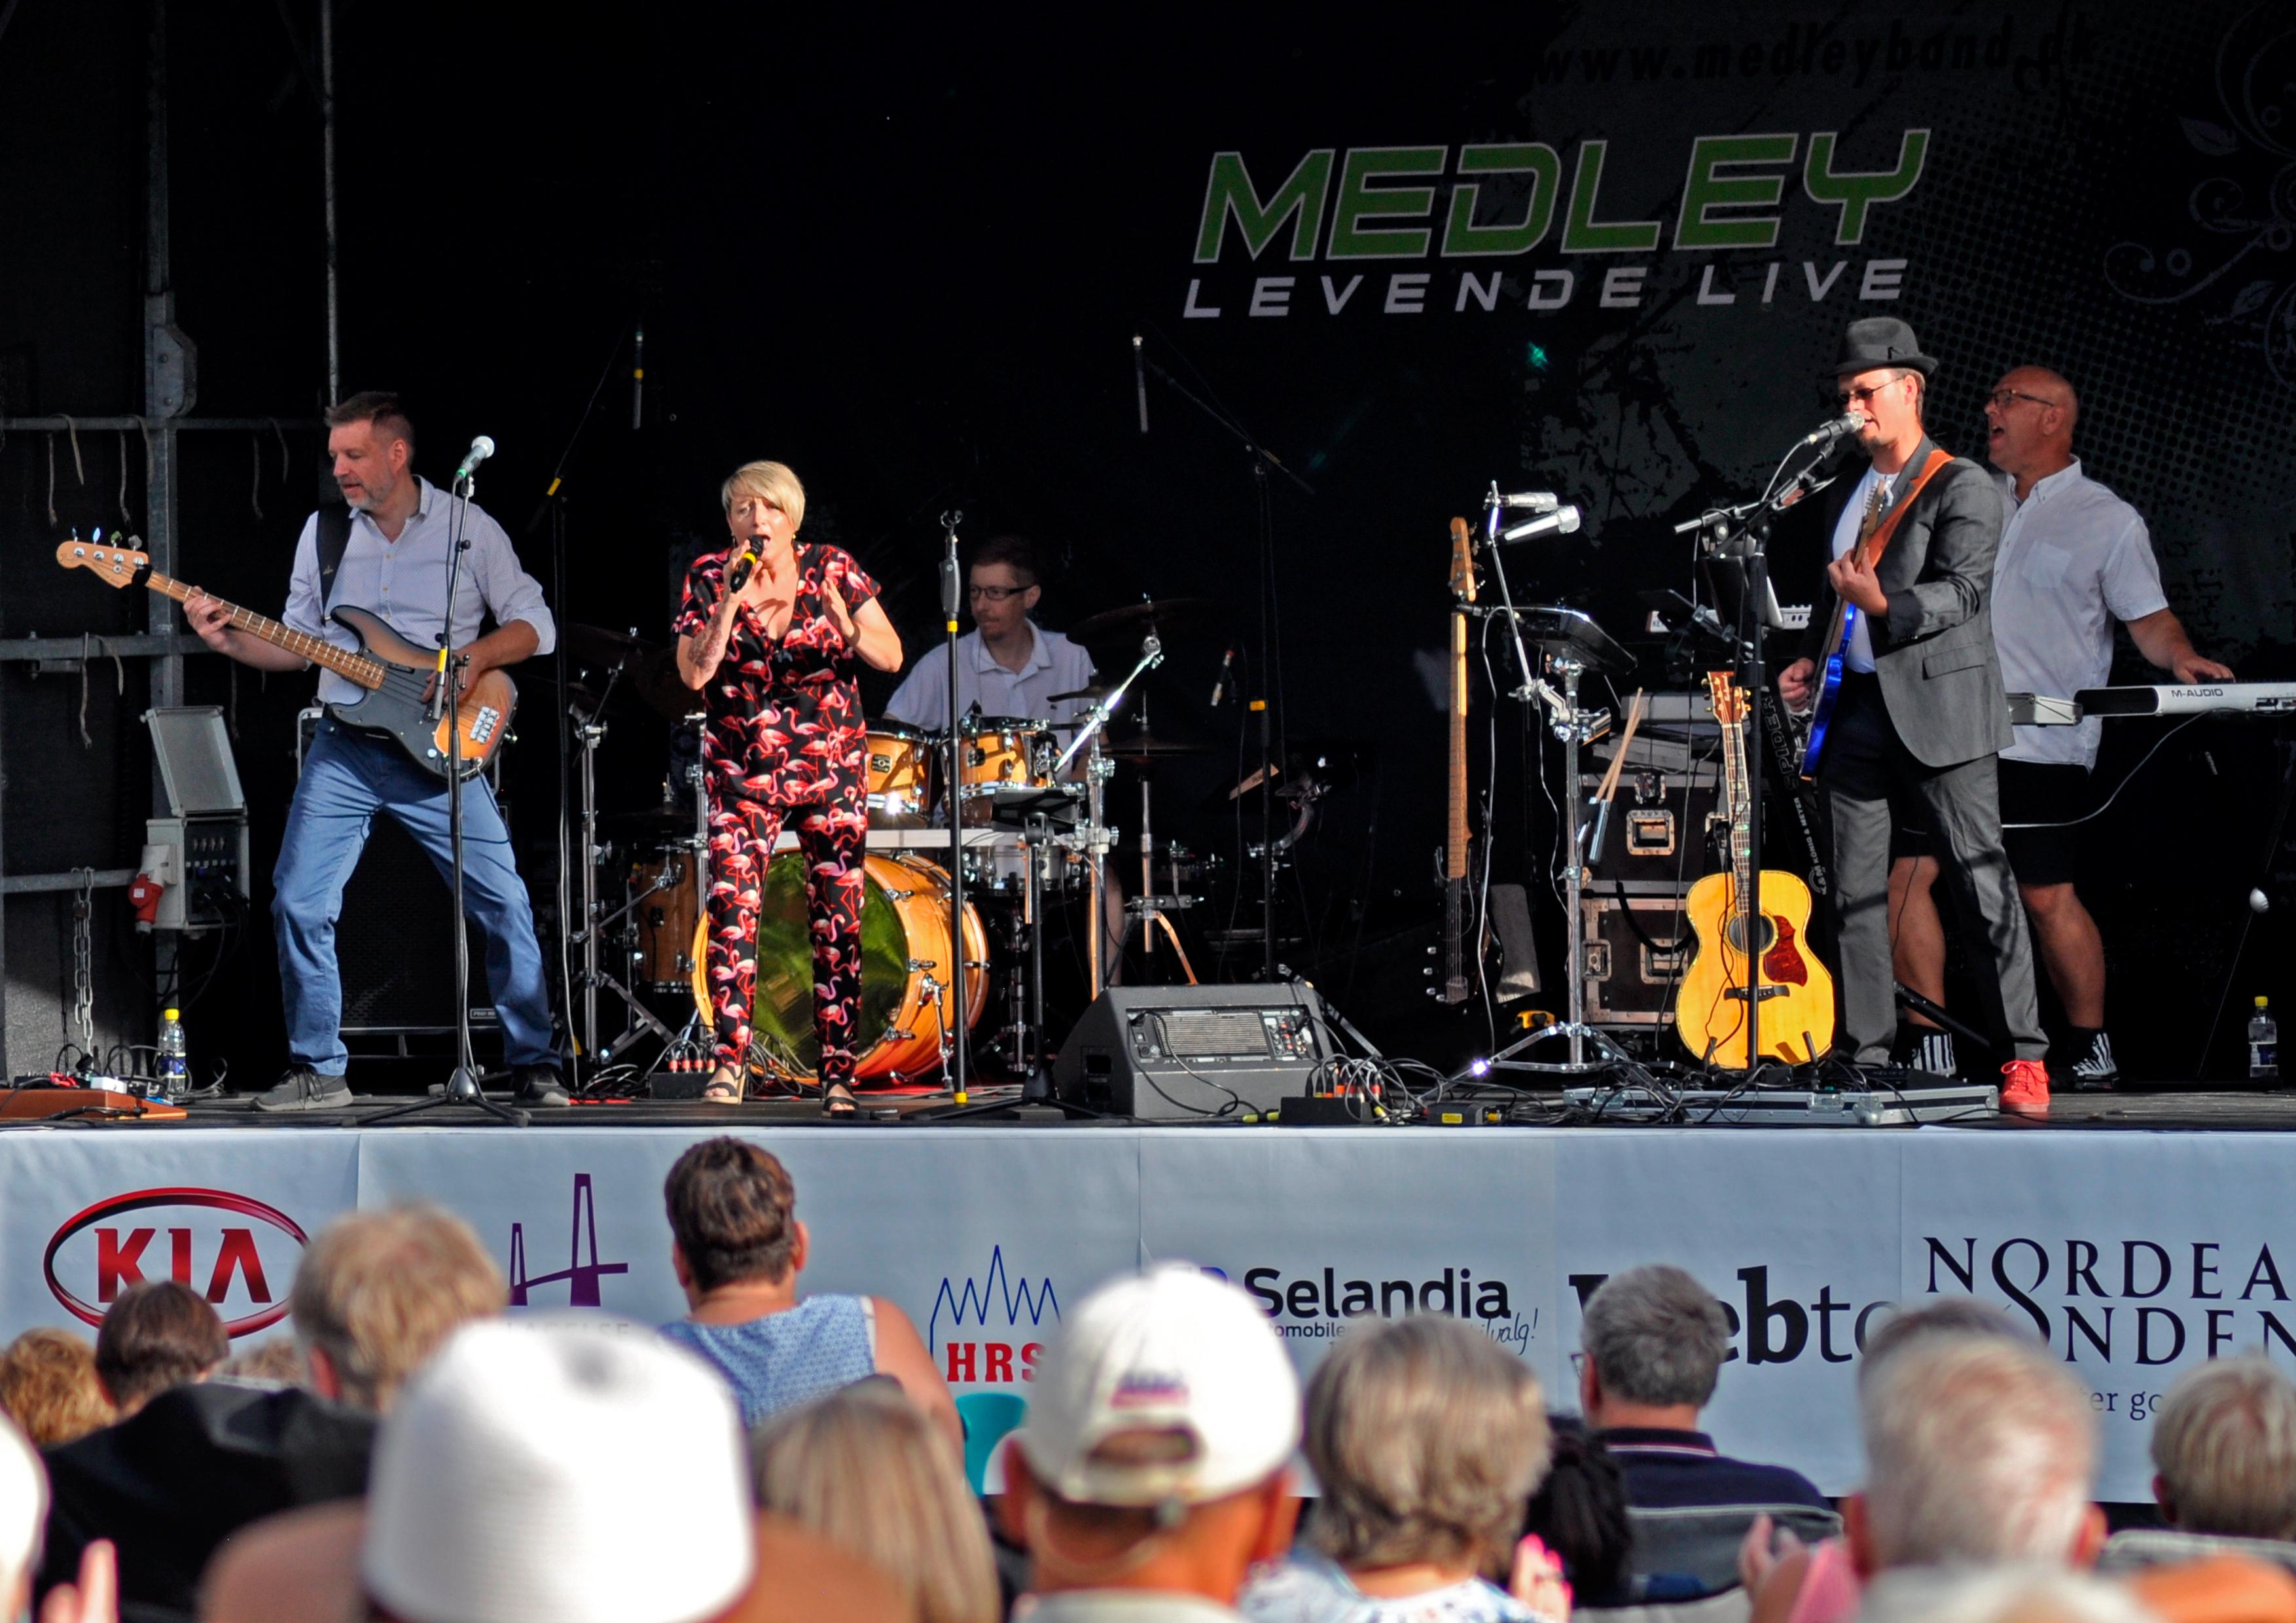 MEDLEY_Bandet02_FotoIbenBrinkland